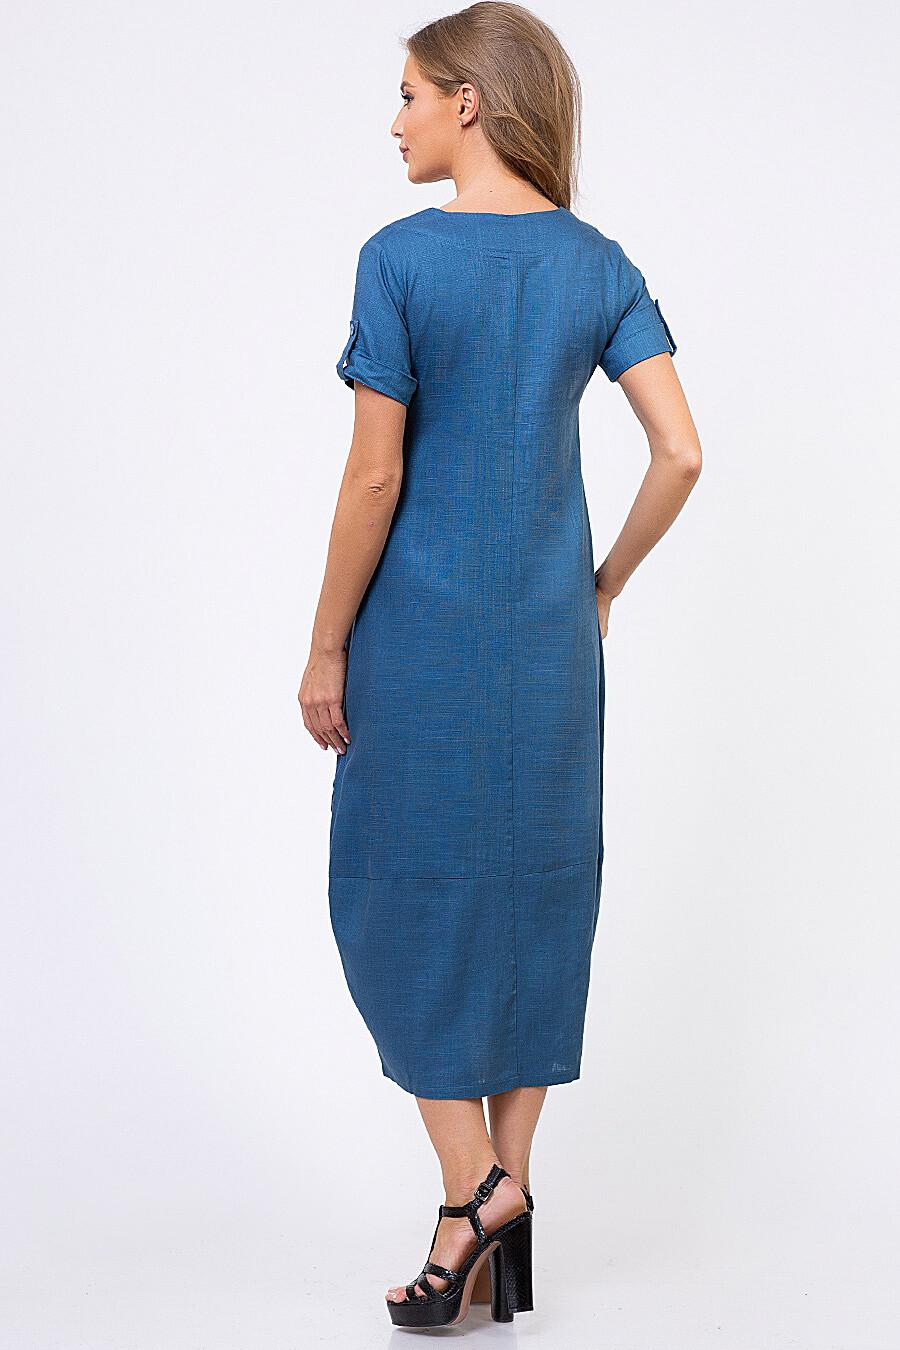 Платье DIMMA (122056), купить в Moyo.moda